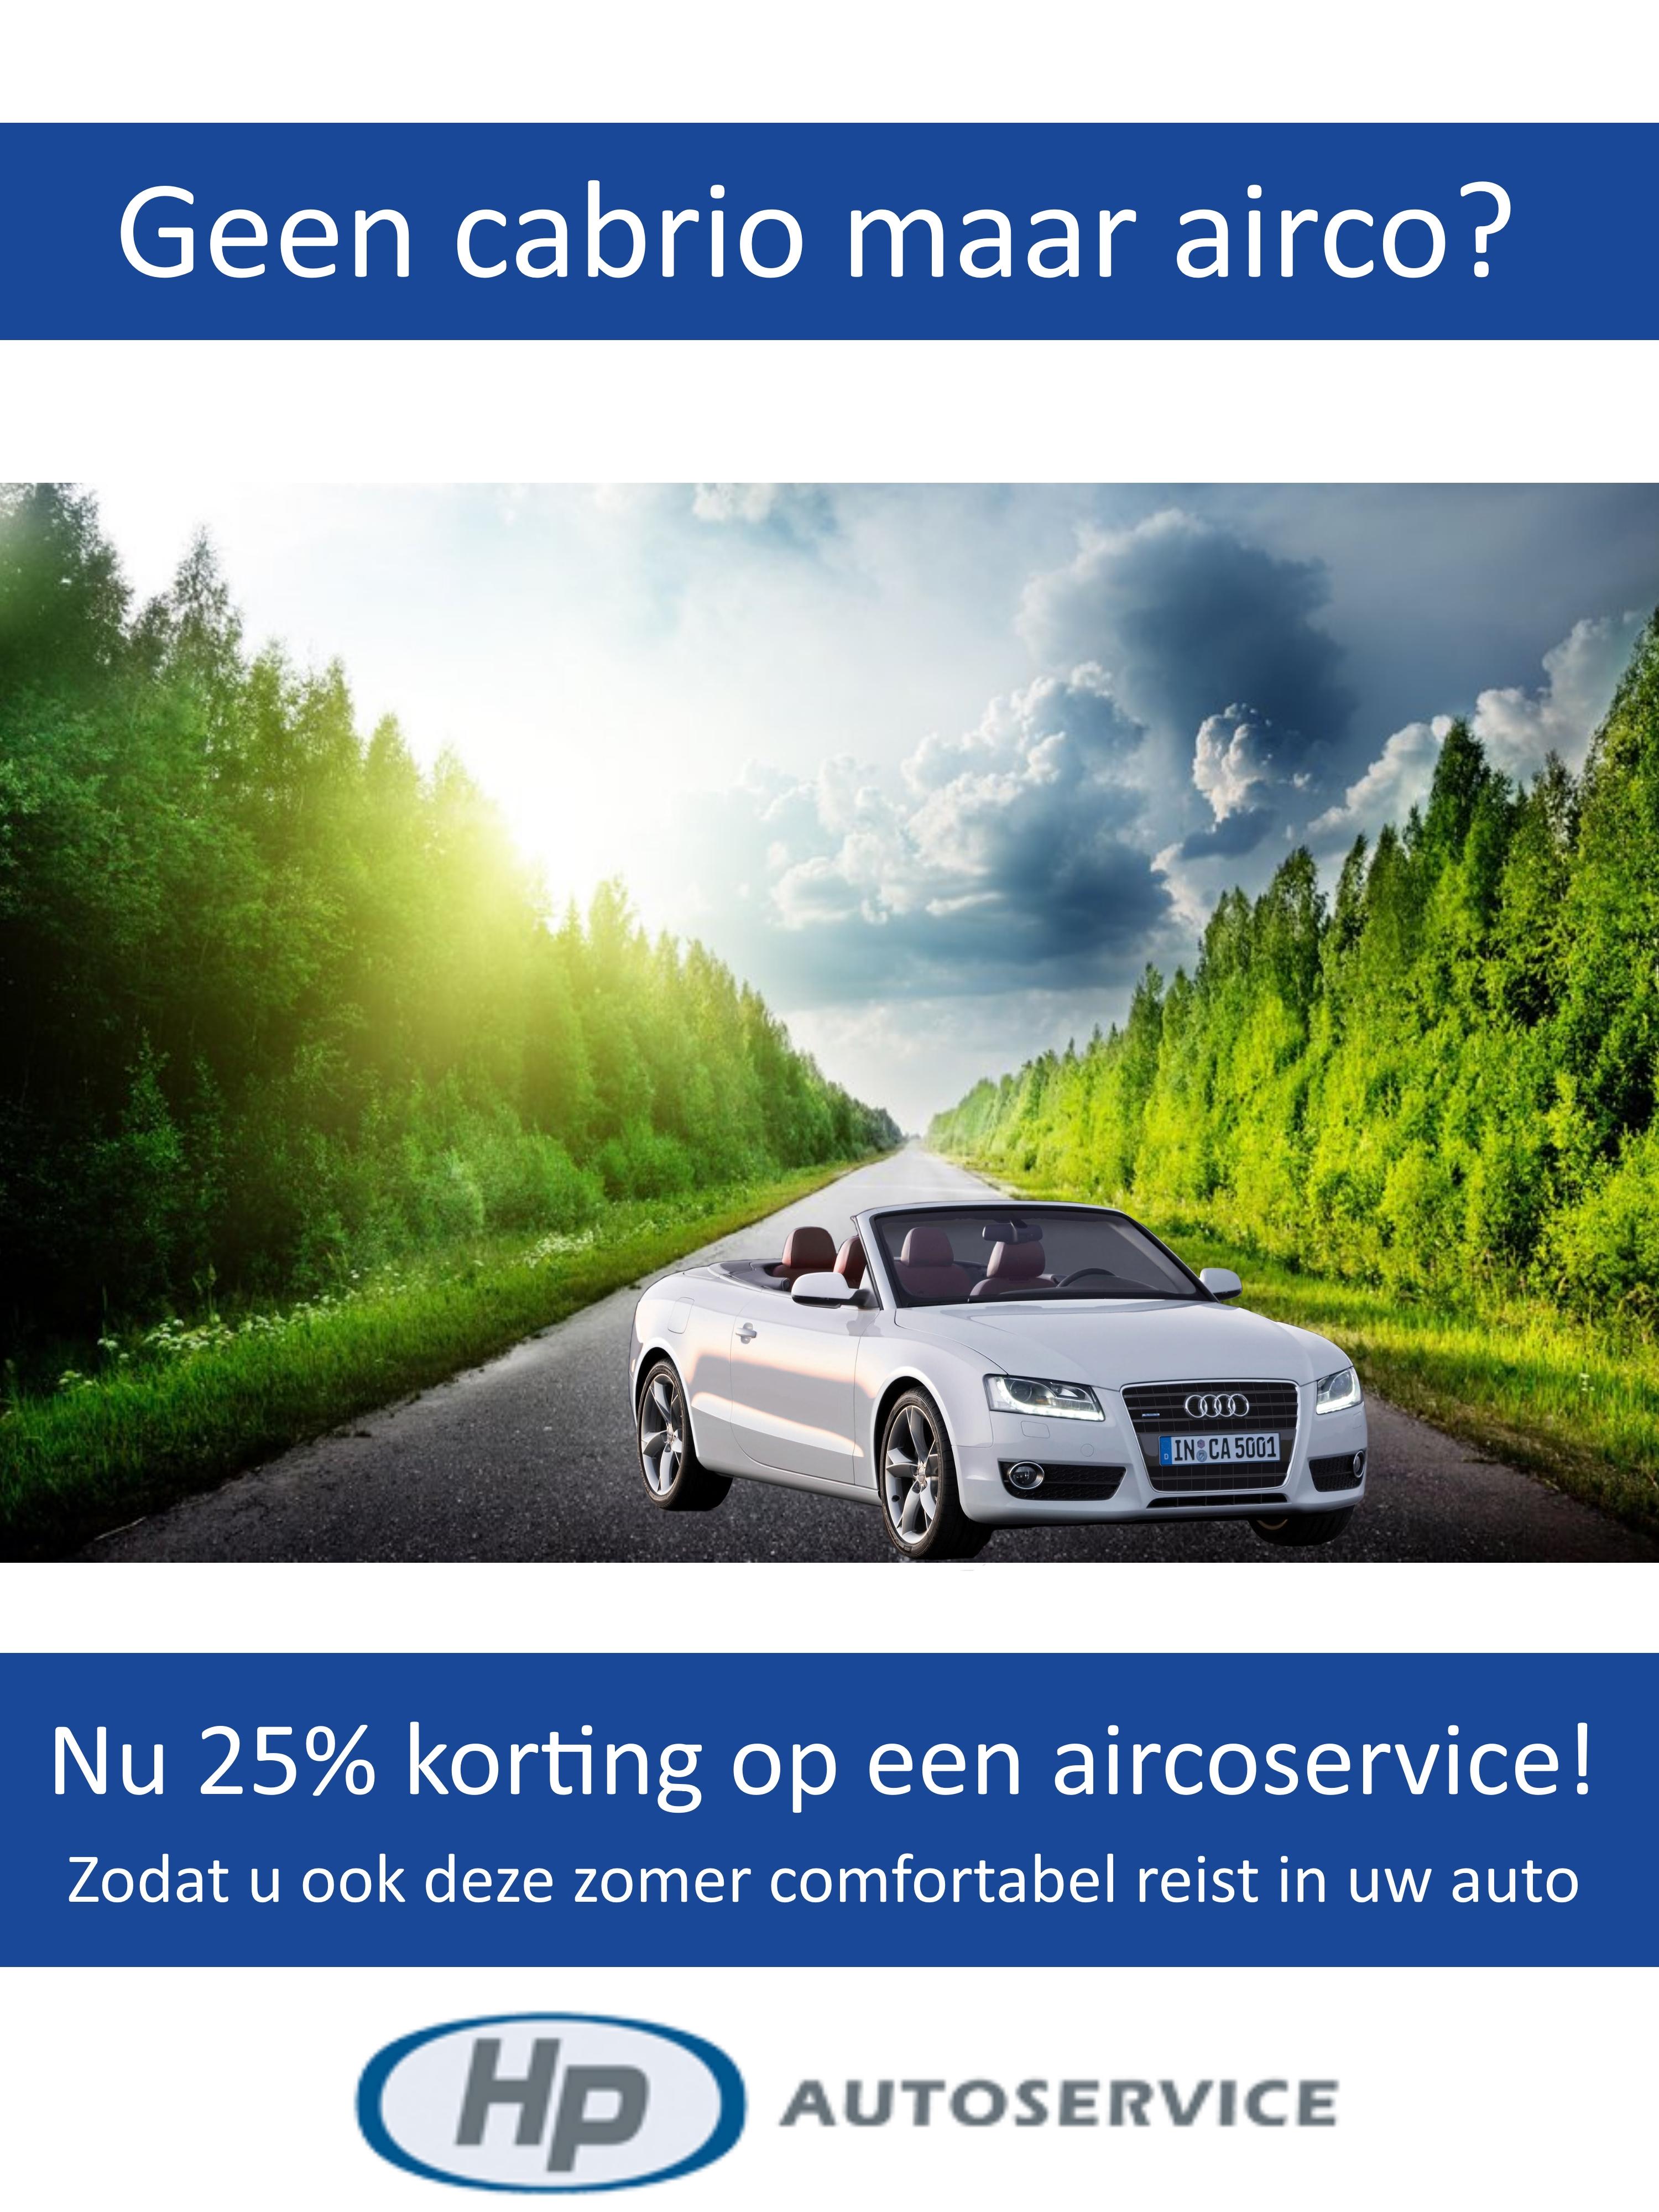 airco actie HP autoservice